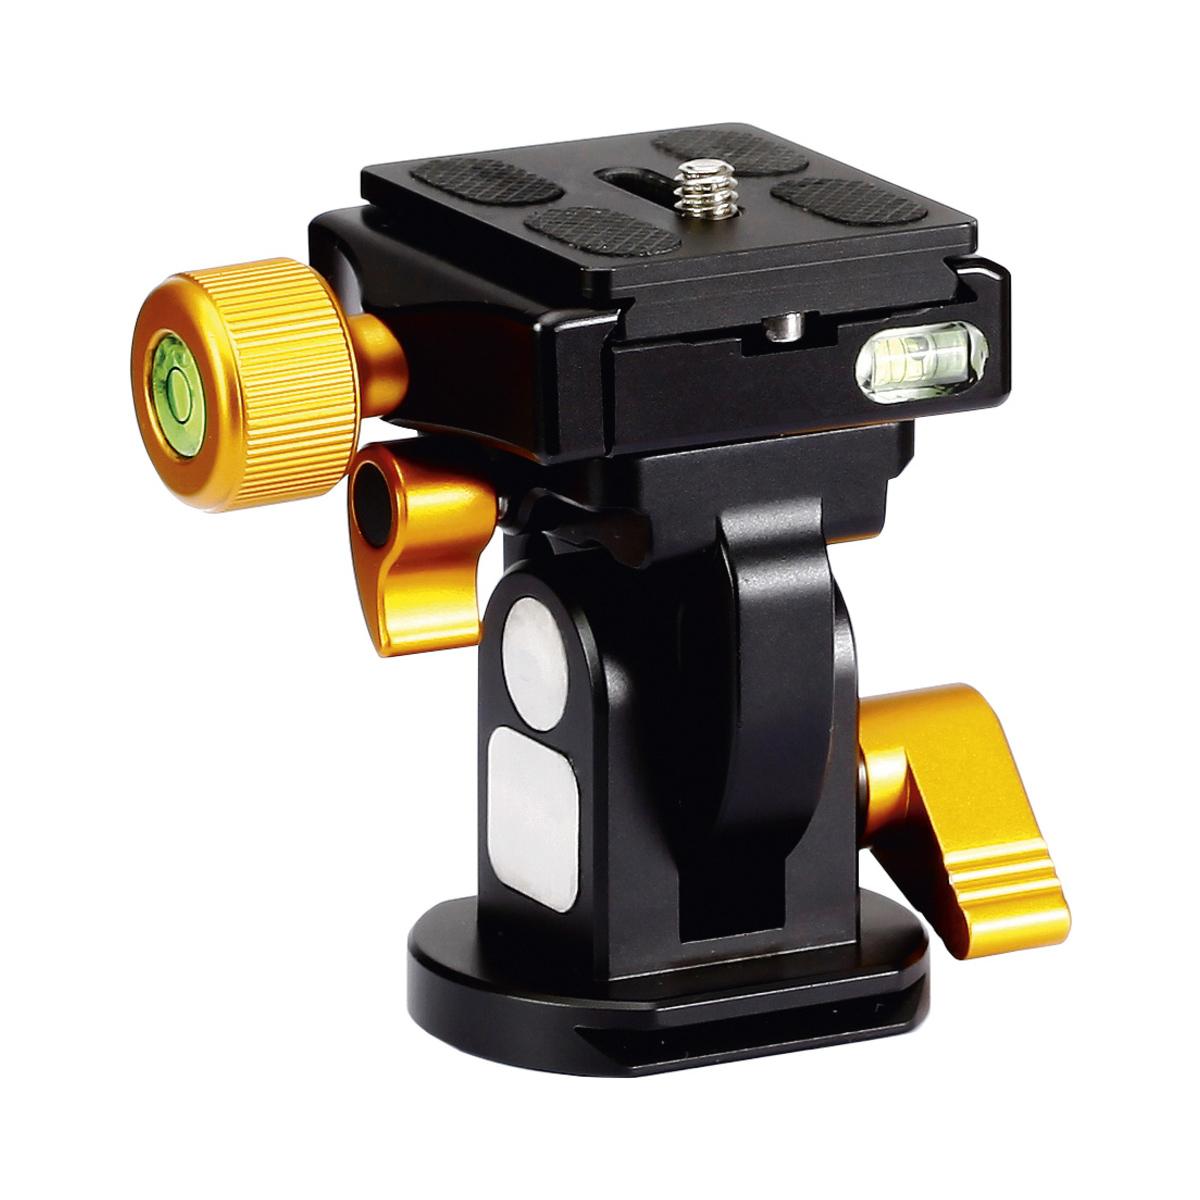 Rollei Fotopro RH-10 Black Statiefkop